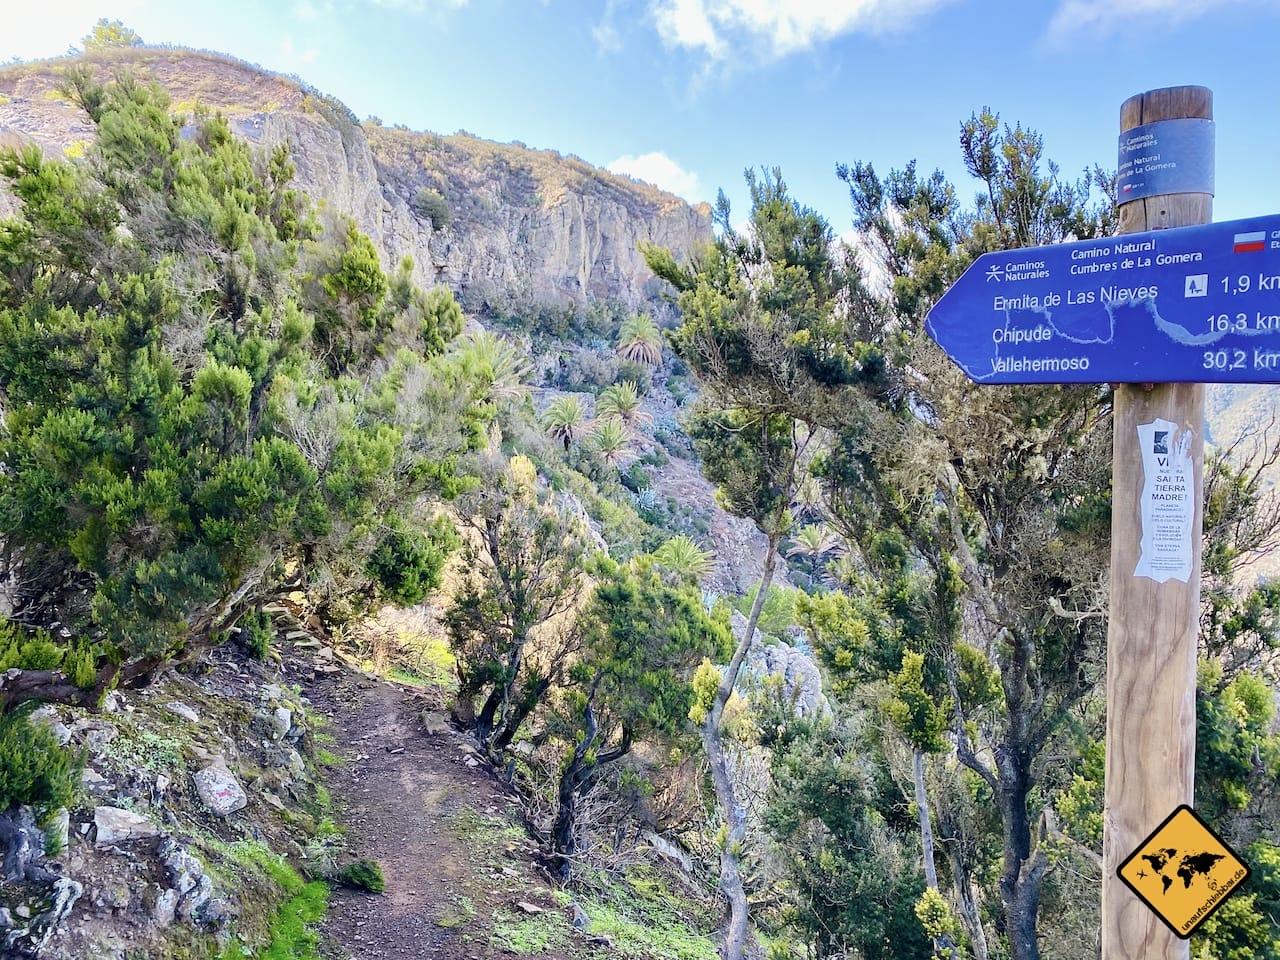 Wanderweg Mirador Degollada De Peraza